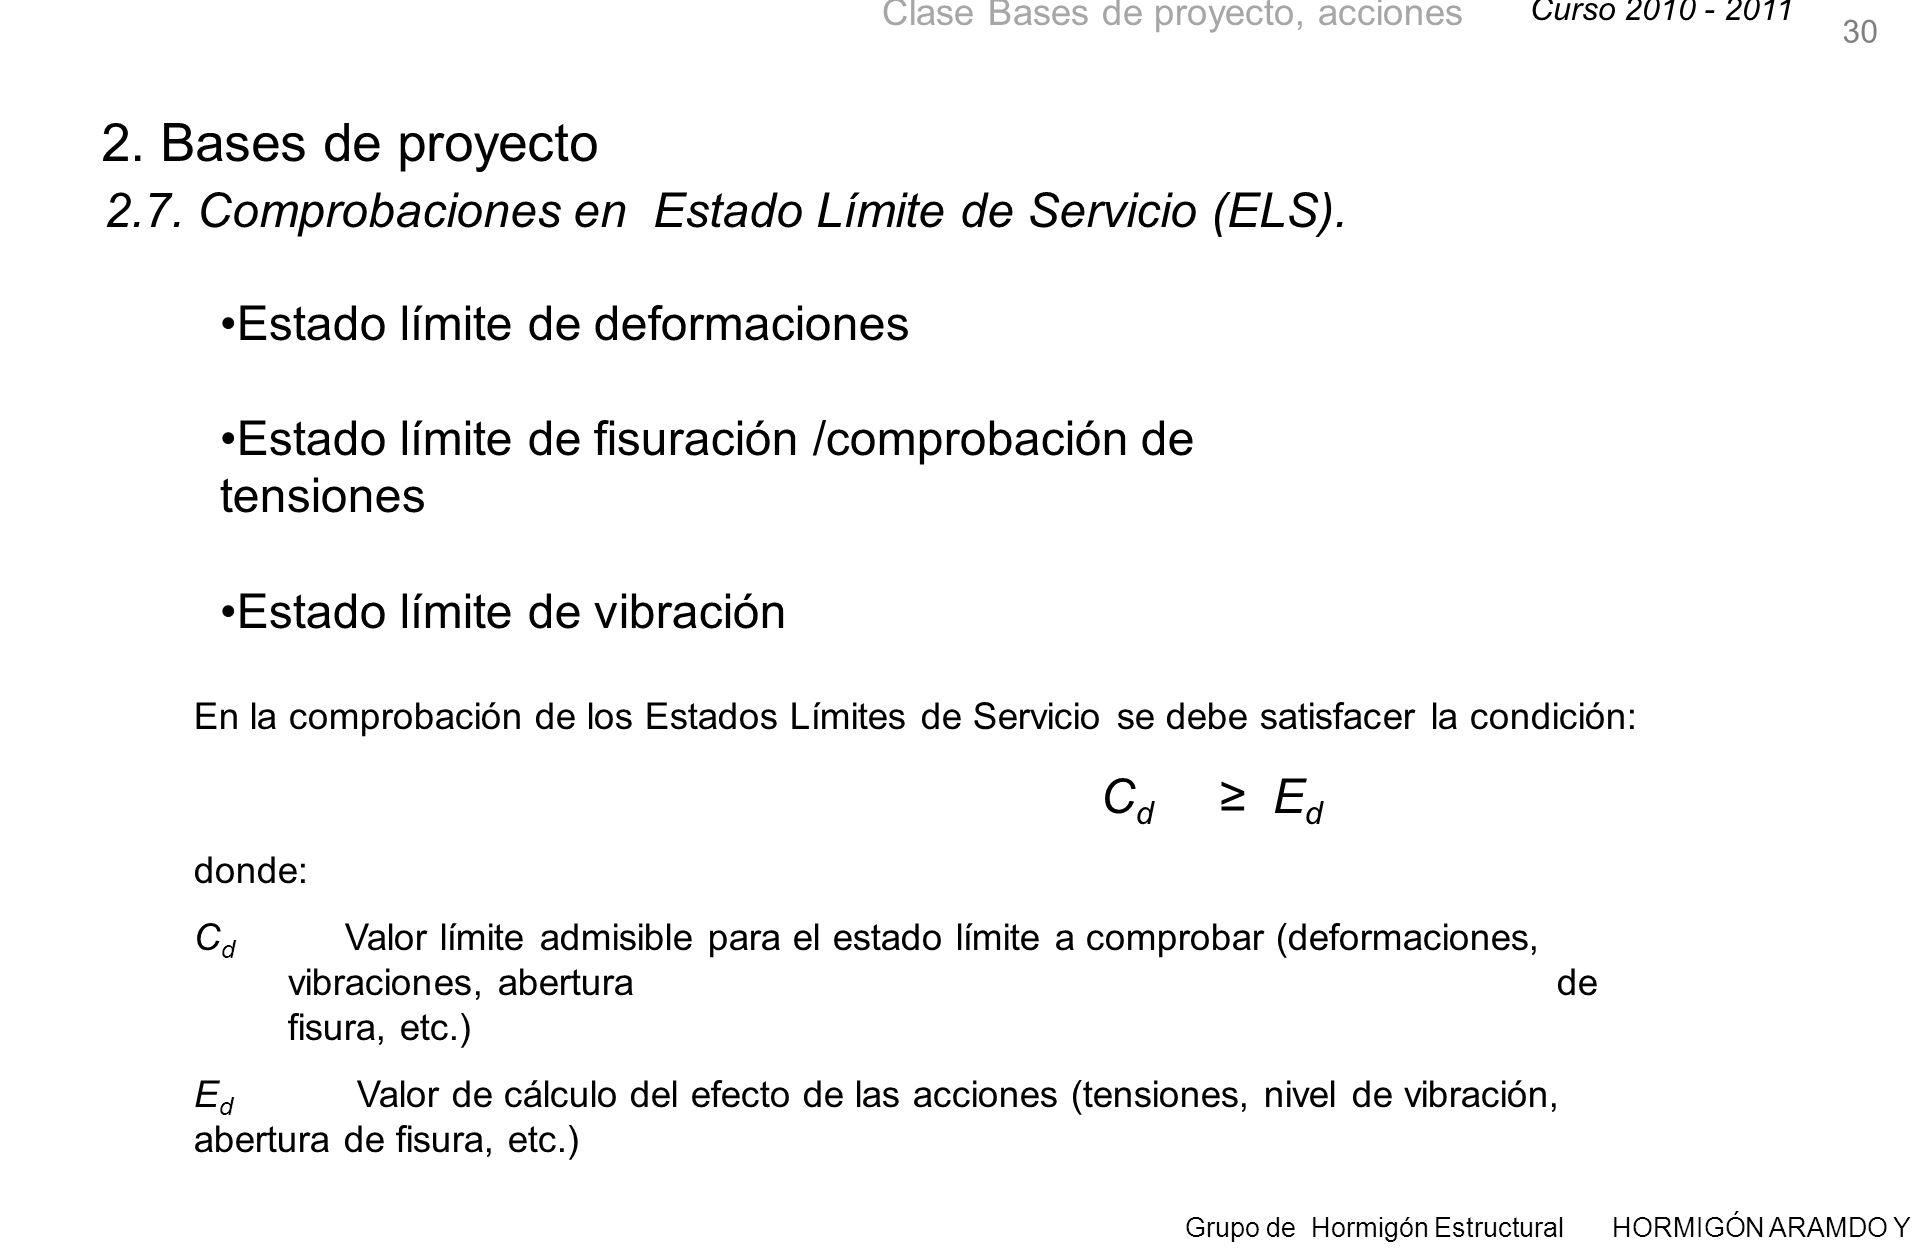 Curso 2010 - 2011 Grupo de Hormigón Estructural HORMIGÓN ARAMDO Y PRETENSADO II Clase Bases de proyecto, acciones 30 2.7.